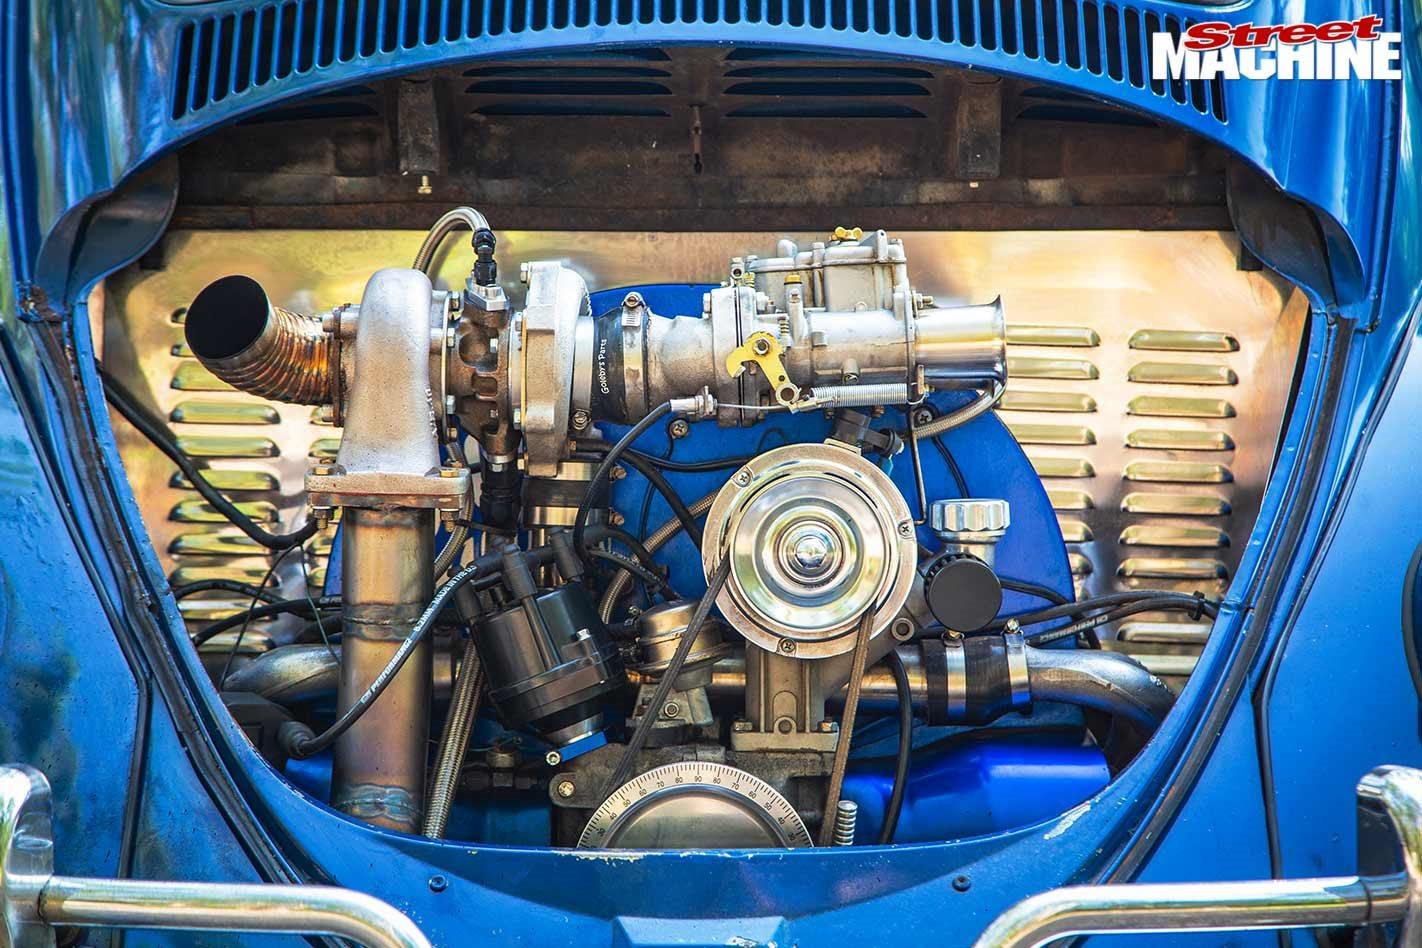 Turbocharged 1967 Volkswagen Beetle 1300 Deluxe